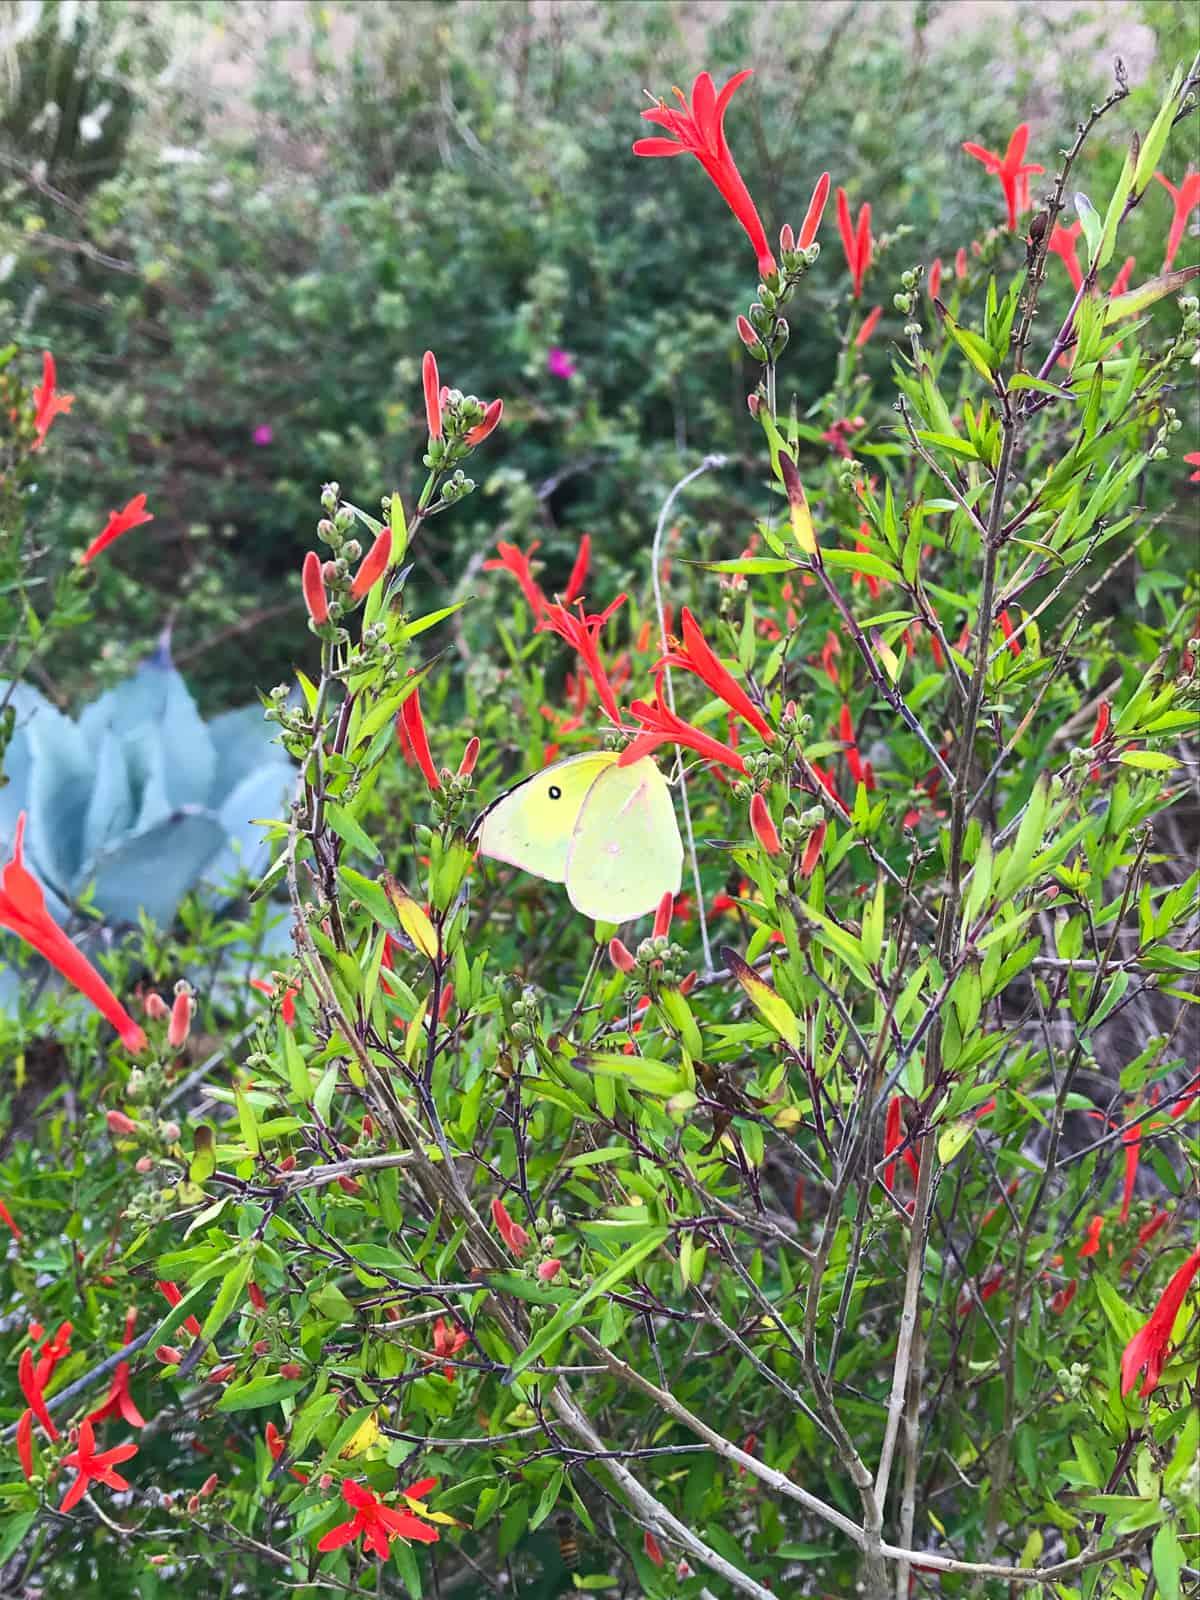 Hummingbird bush